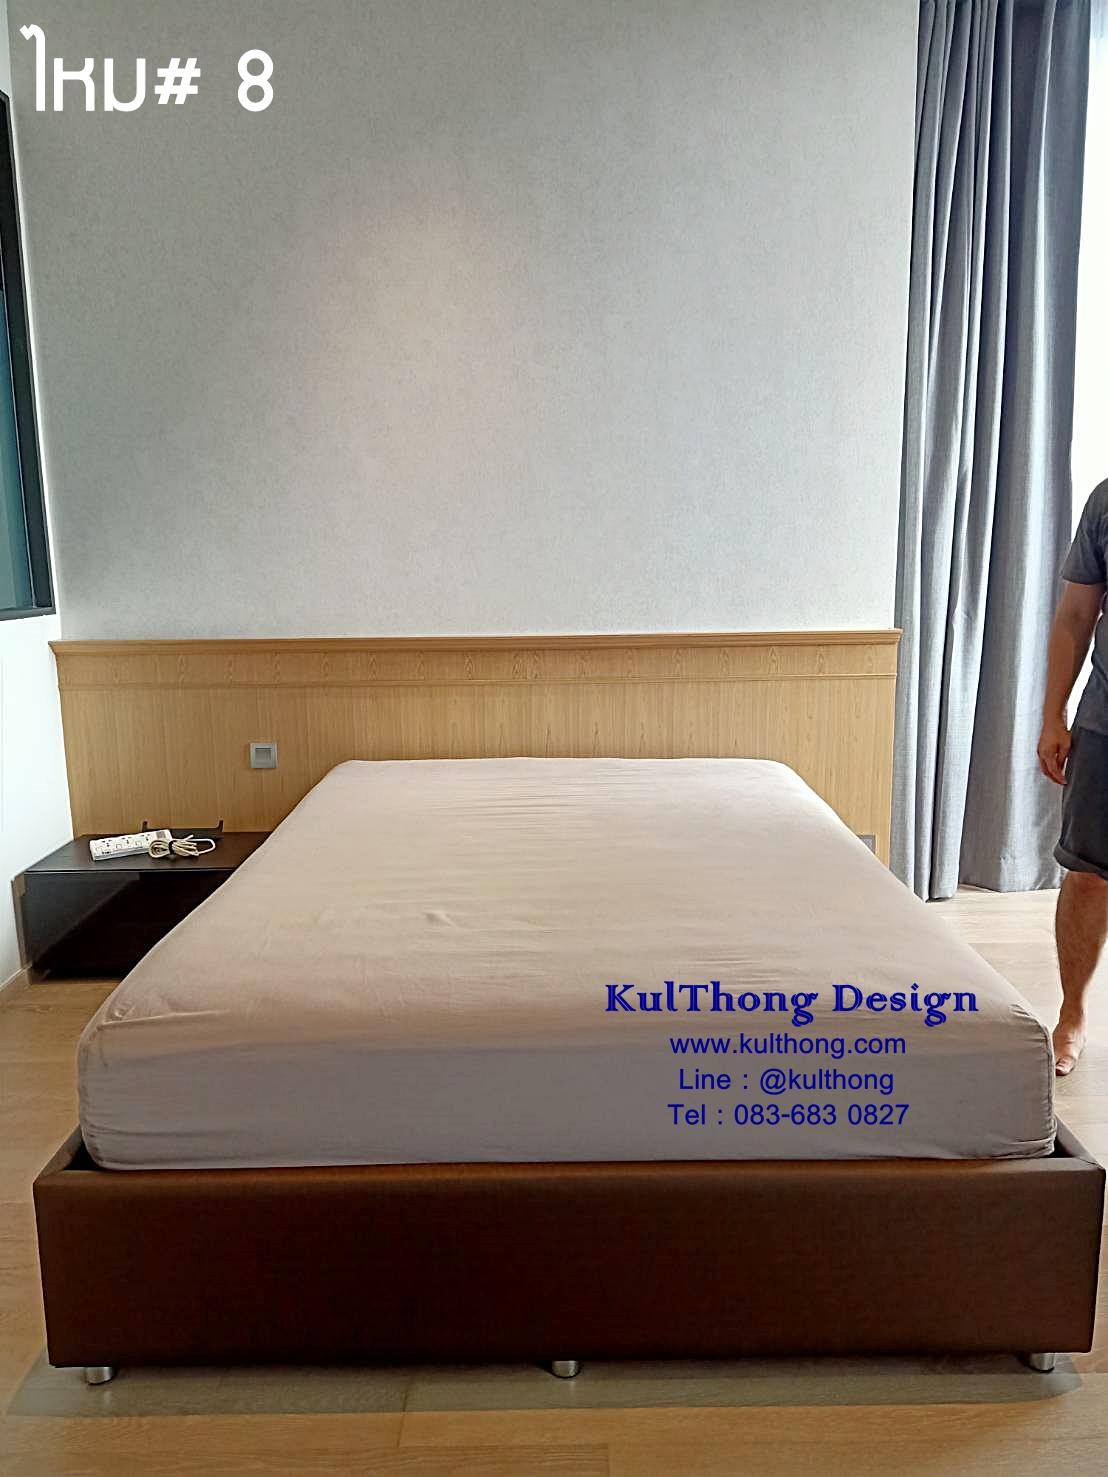 เตียงดีไซน์ เตียงไม่มีหัว ฐานเตียงนอน